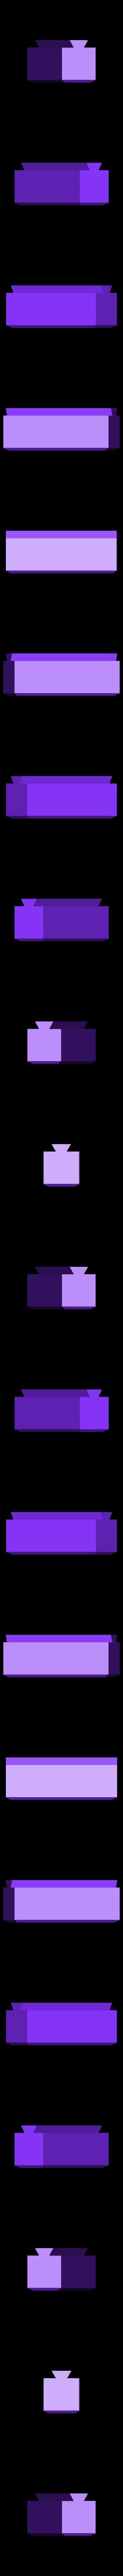 HULL-plug.STL Télécharger fichier STL gratuit Cybran T2 Destroyer - Salem Class • Plan à imprimer en 3D, Steyrc